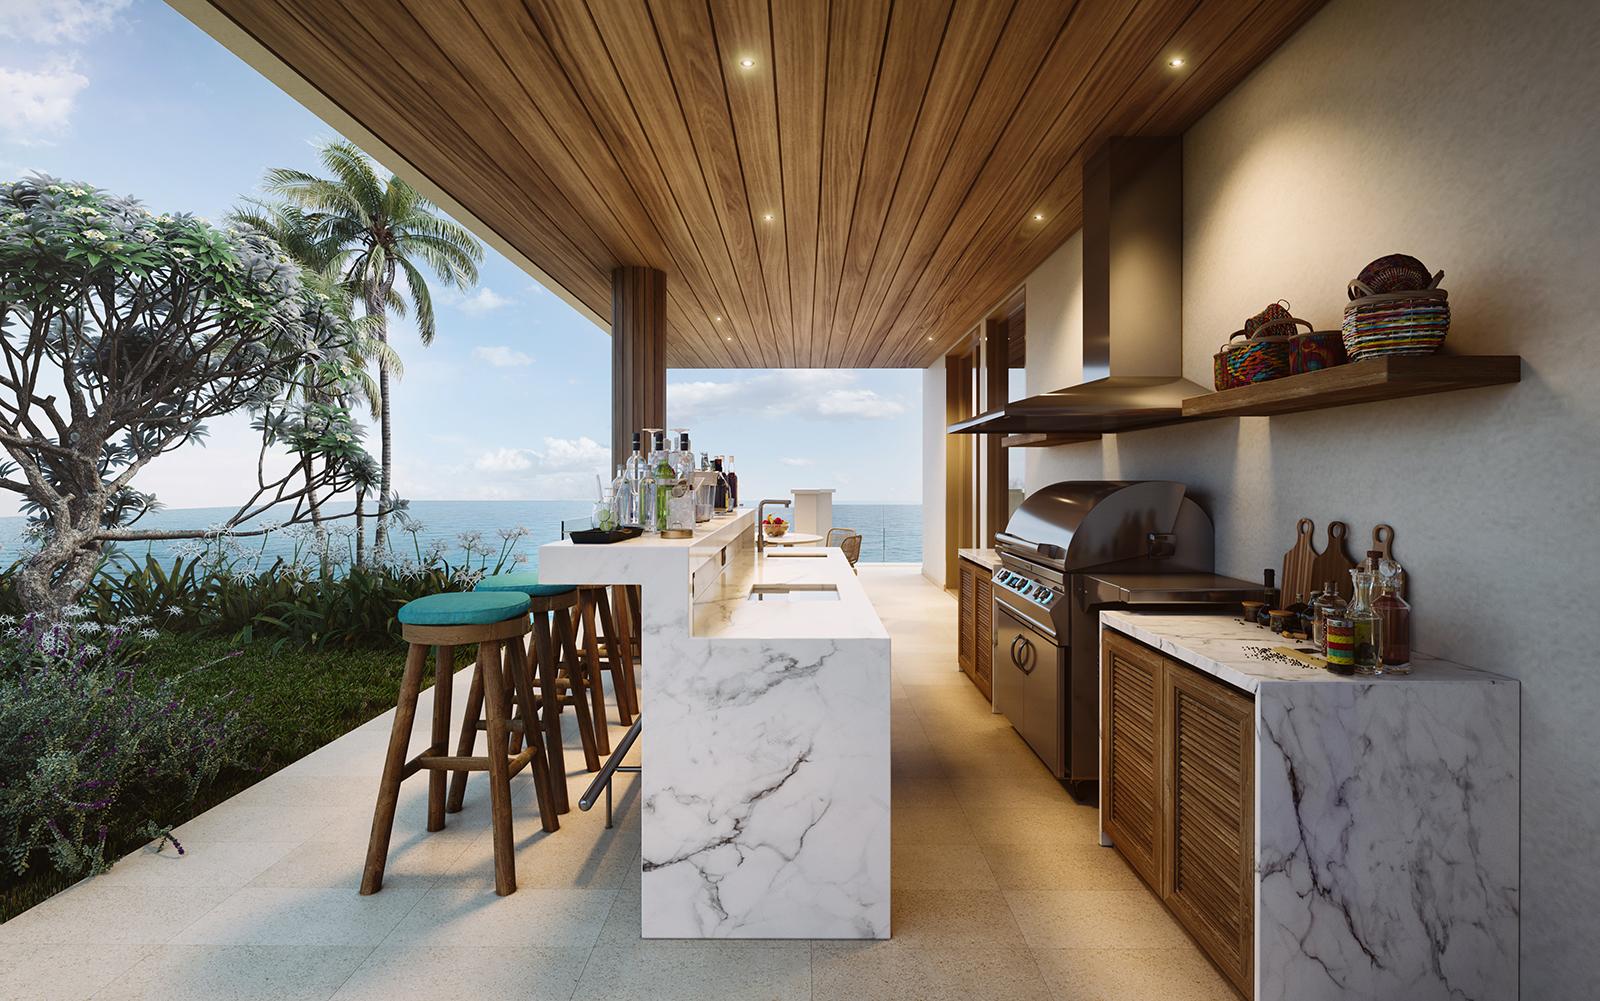 Six Senses Villa views